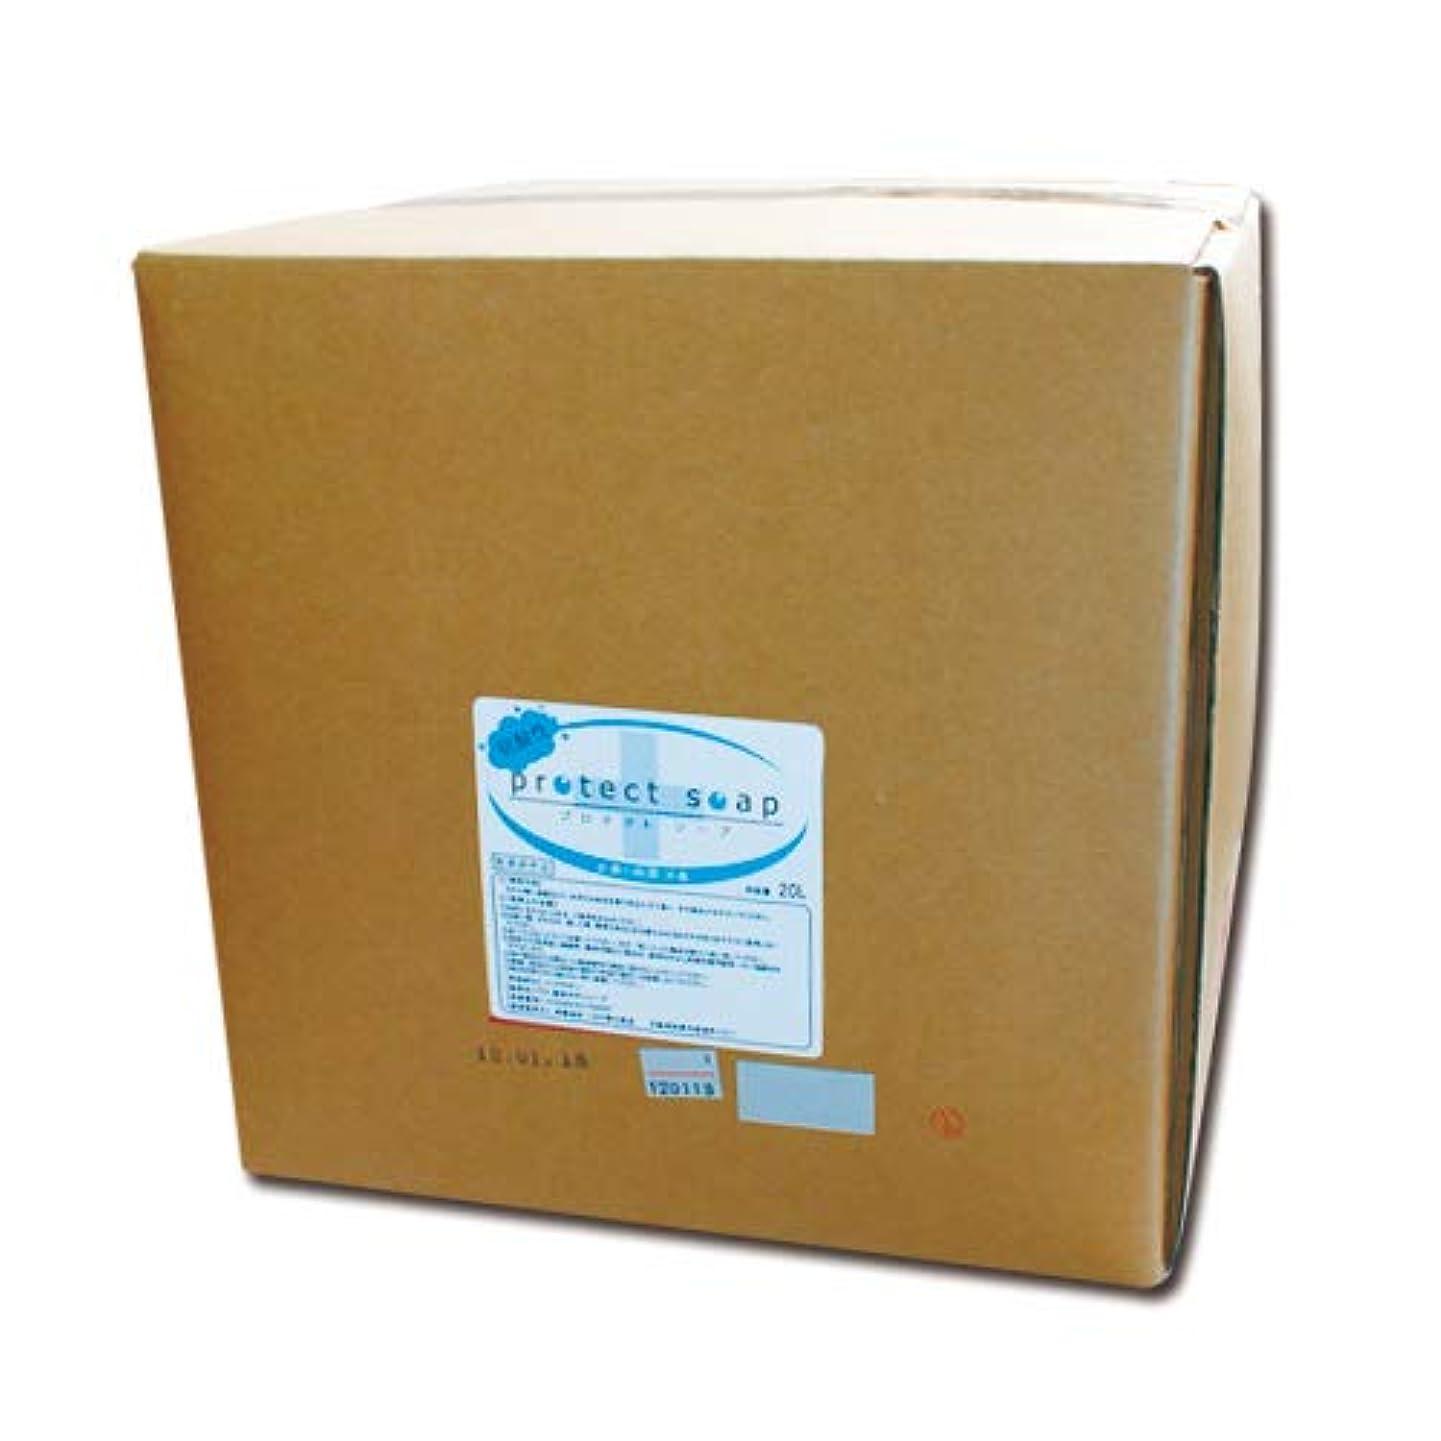 証明書ぬれた役に立つ低刺激弱酸性 液体石鹸 プロテクトソープ 20L 業務用